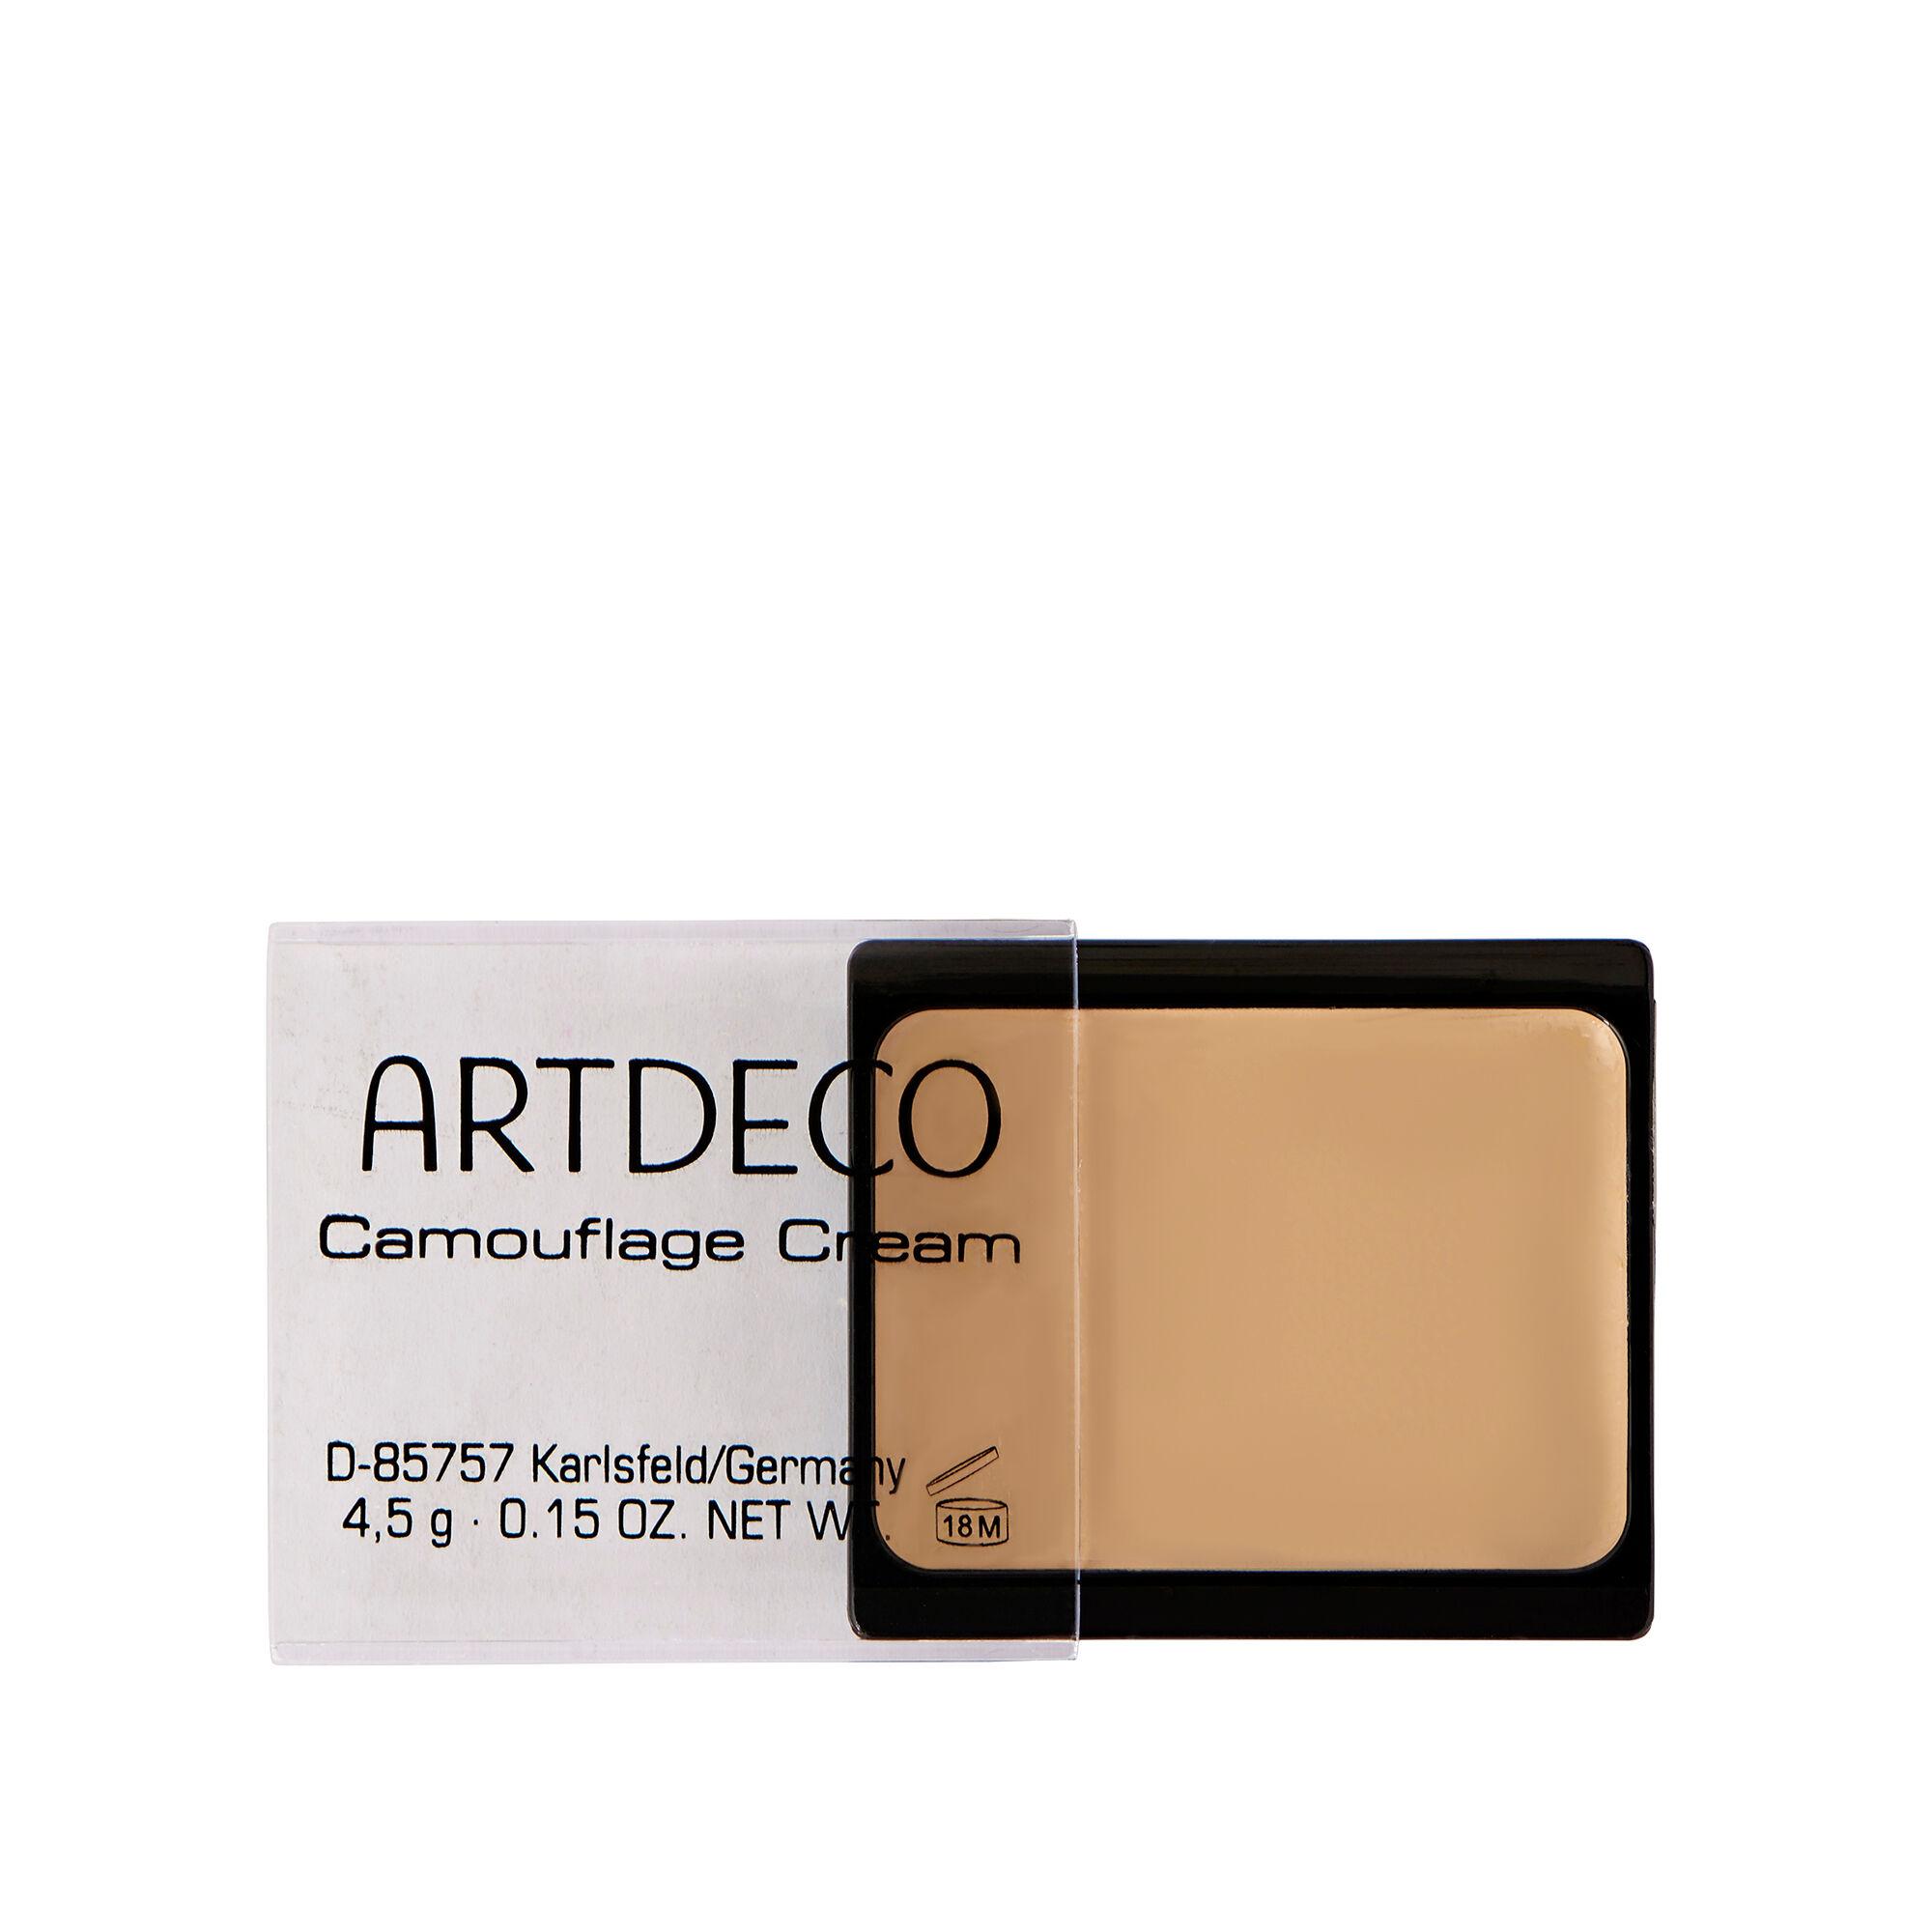 ARTDECO Crème camouflage 06 Sable du désert 06 Desert Sand 4.5g